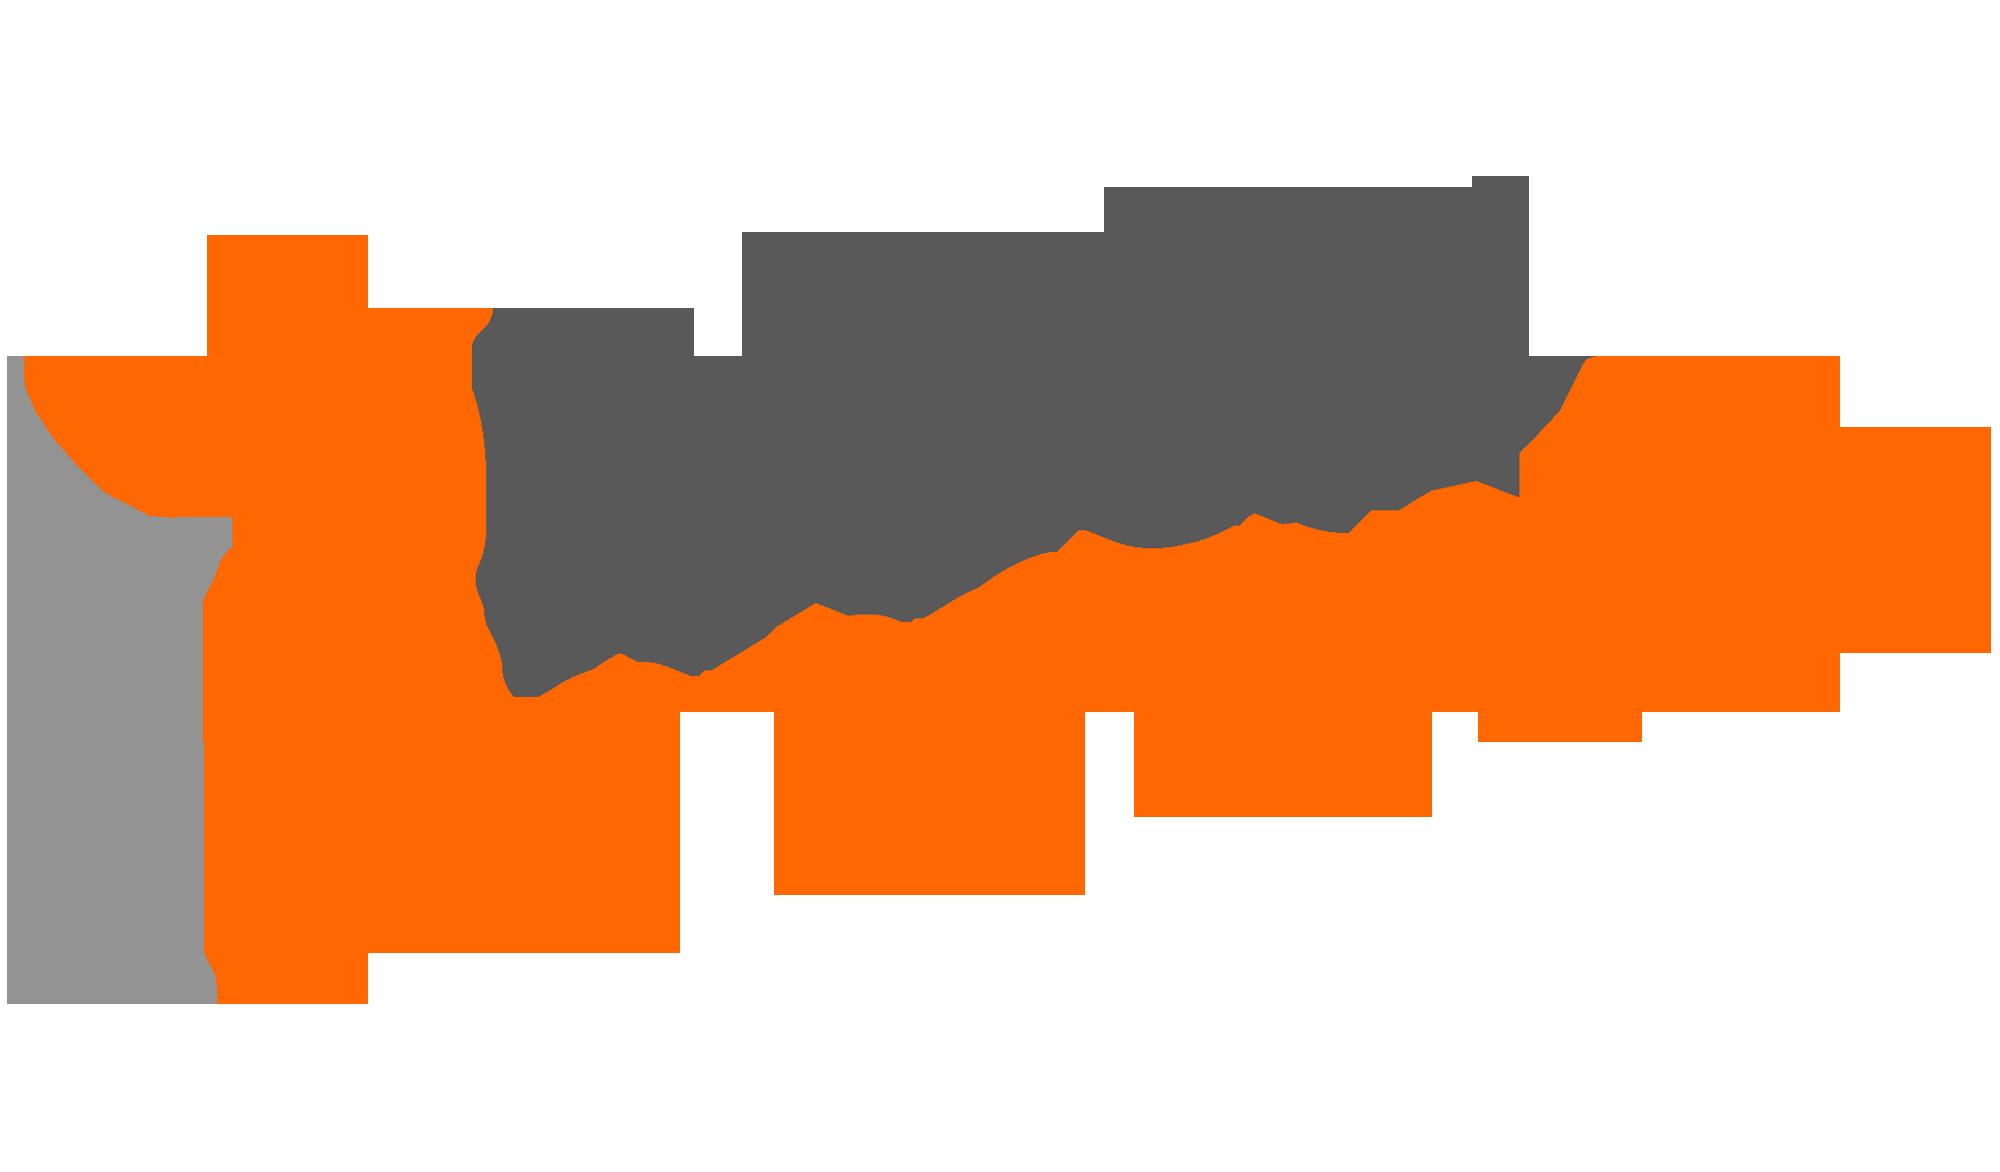 napoje logo